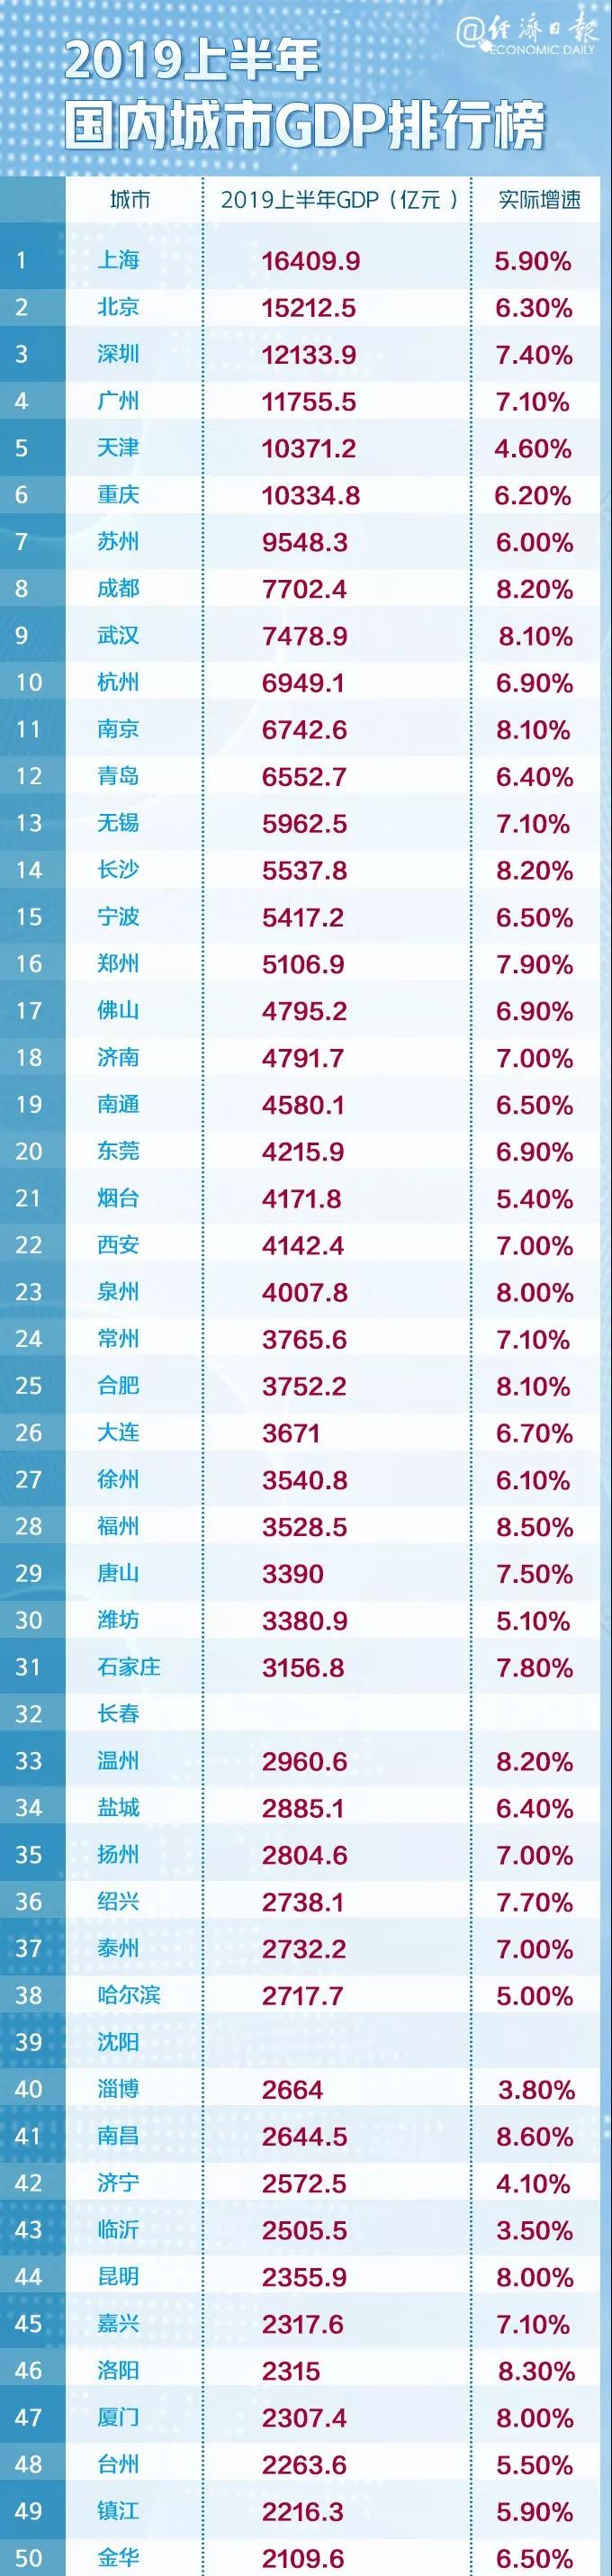 昆明上榜!中国城市GDP百强榜来了!1.jpg